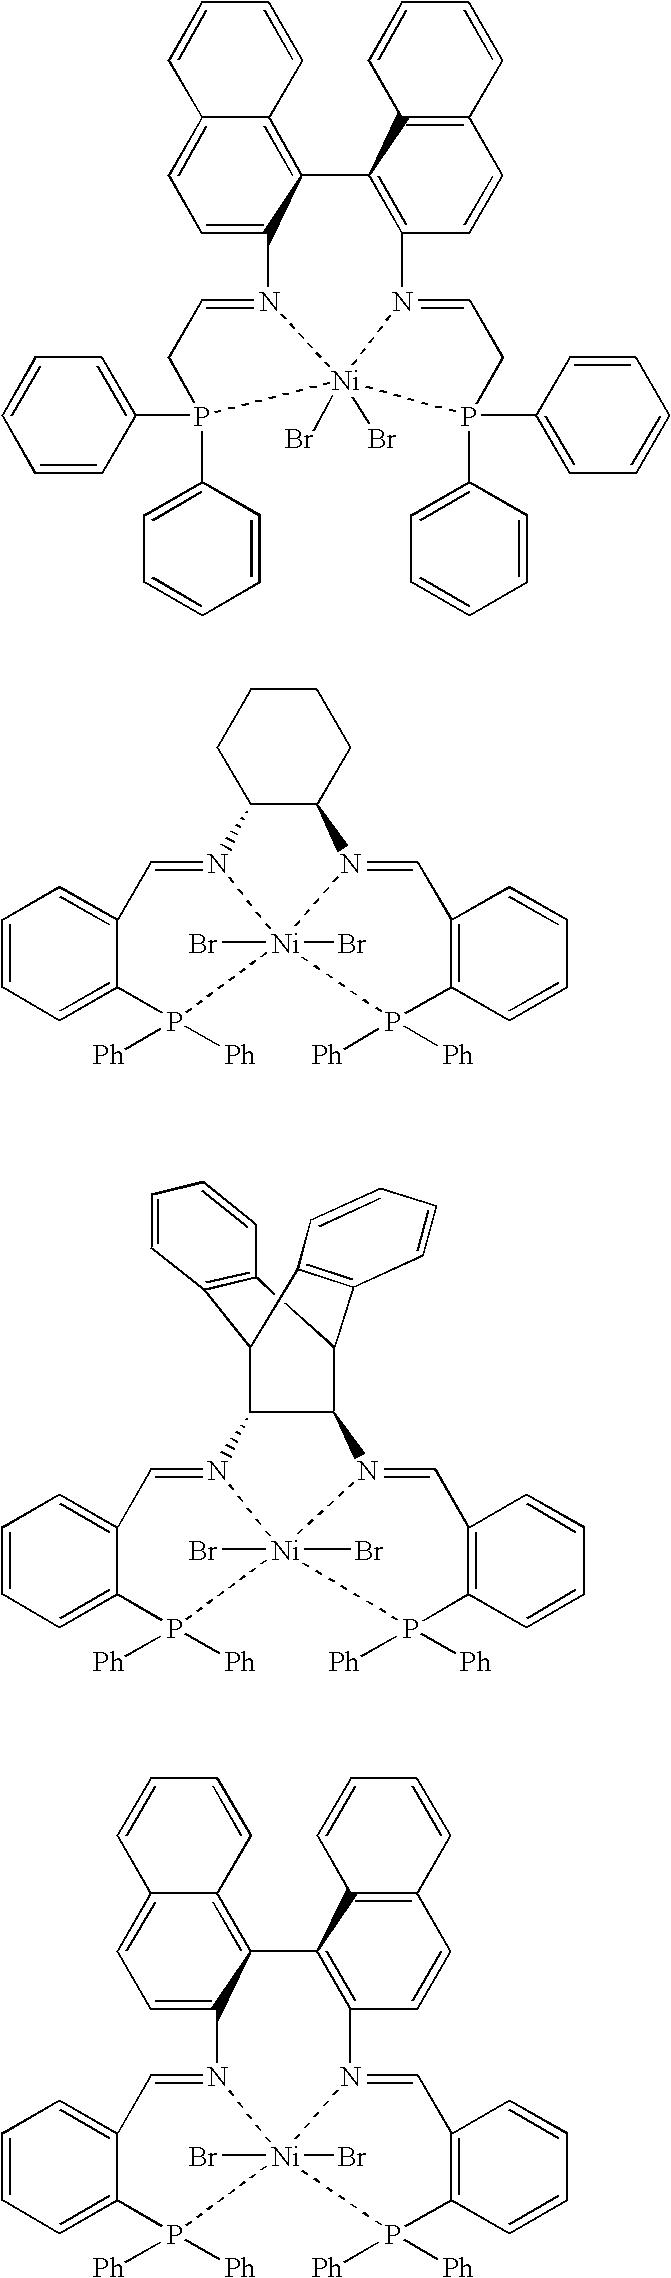 Figure US20060135352A1-20060622-C00013